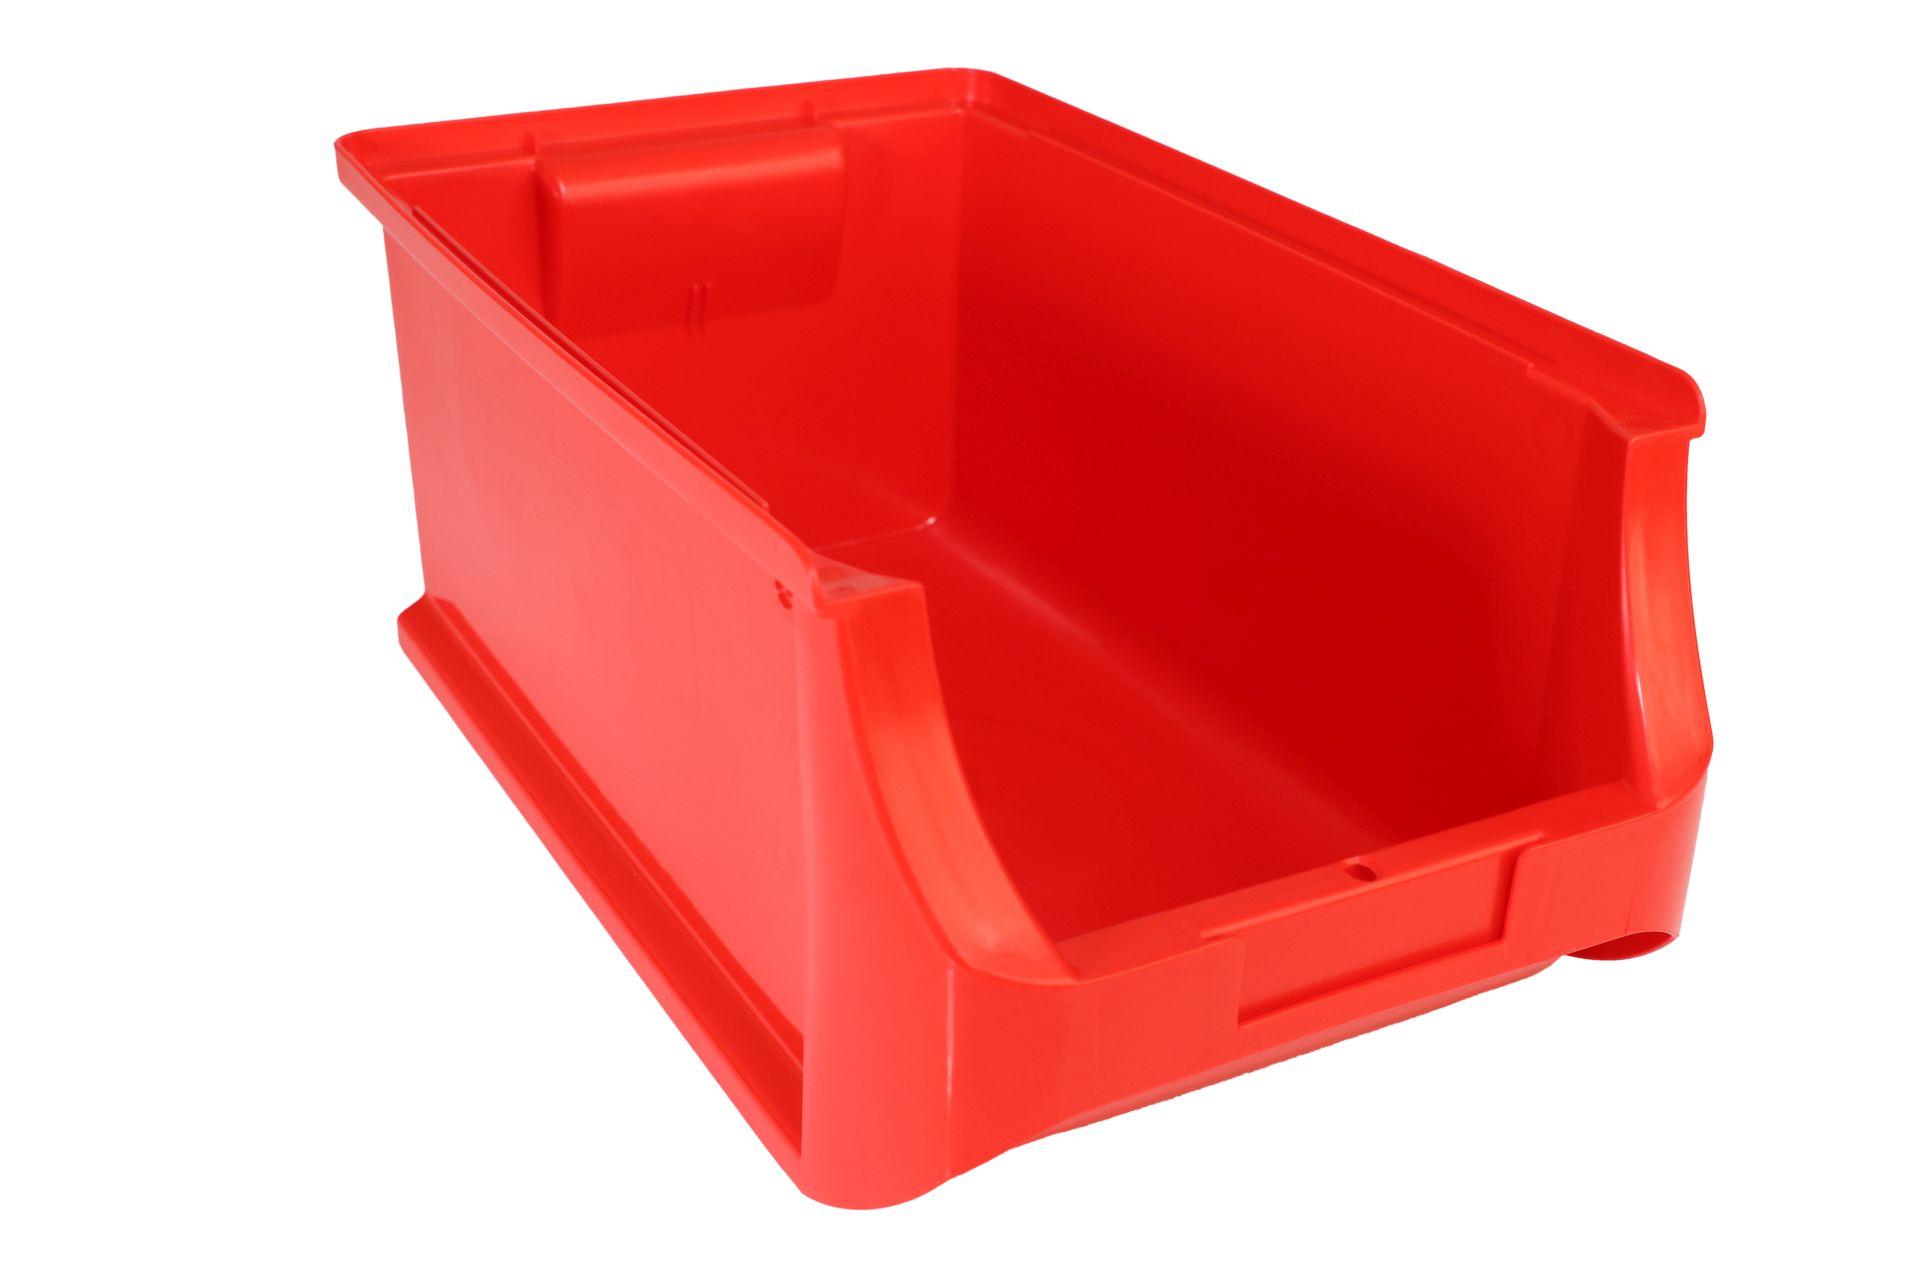 Allit Sichtlagerkasten ProfiPlus Box 4, aus PP, stapelbar, rot, 1 Karton = 12 Stück ohne Etiketten